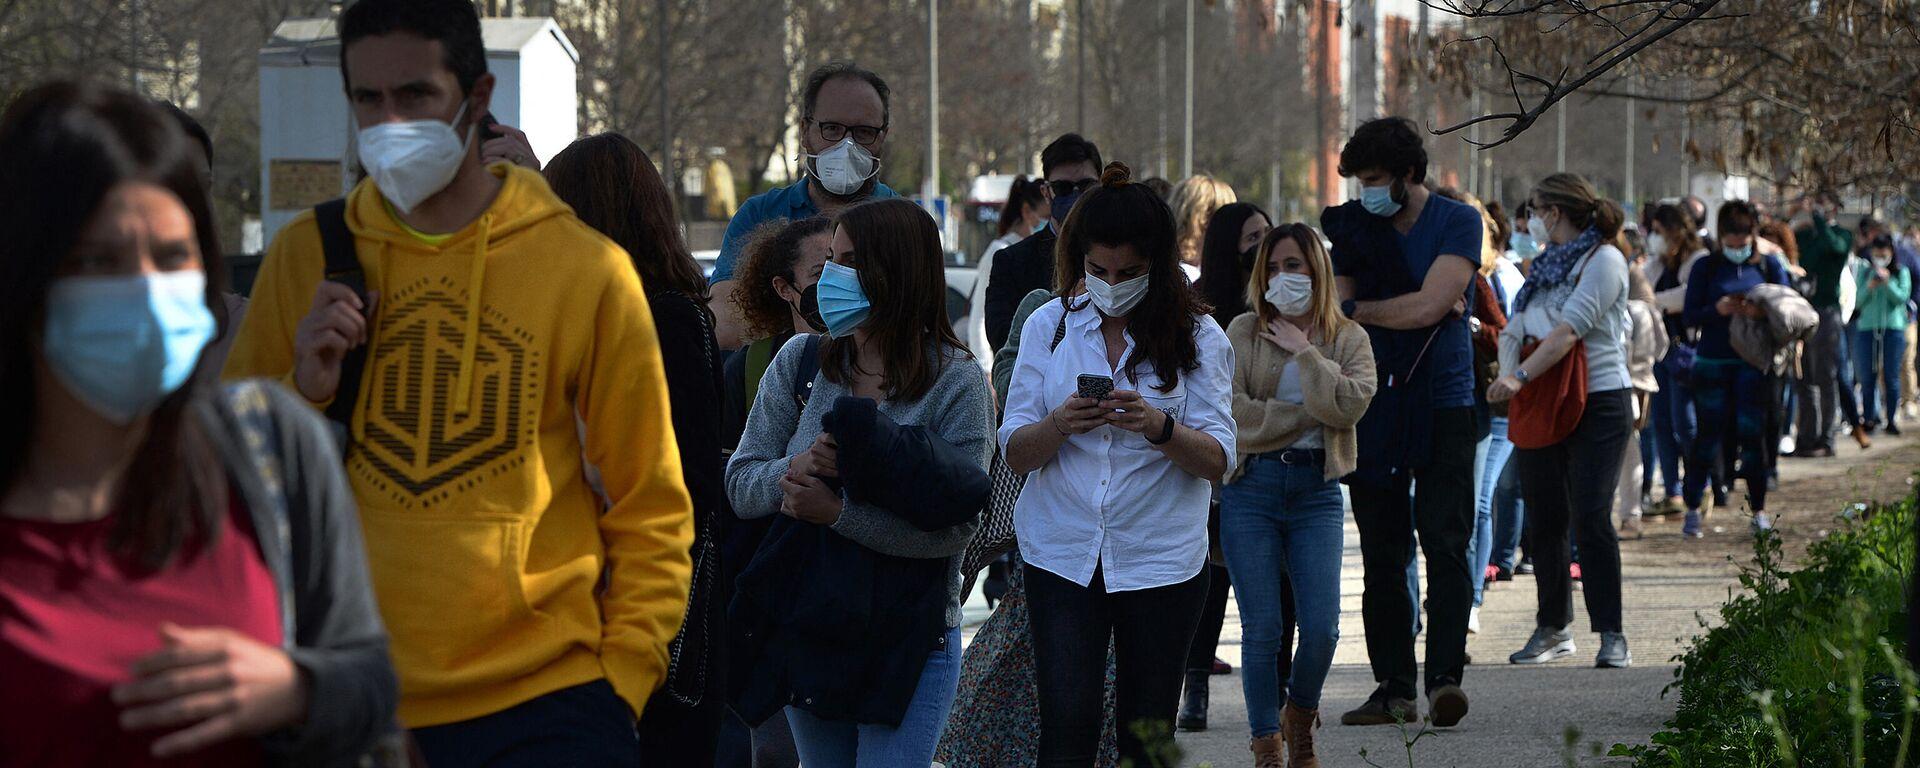 Docentes universitarios hacen cola para vacunarse en Sevilla - Sputnik Mundo, 1920, 18.03.2021